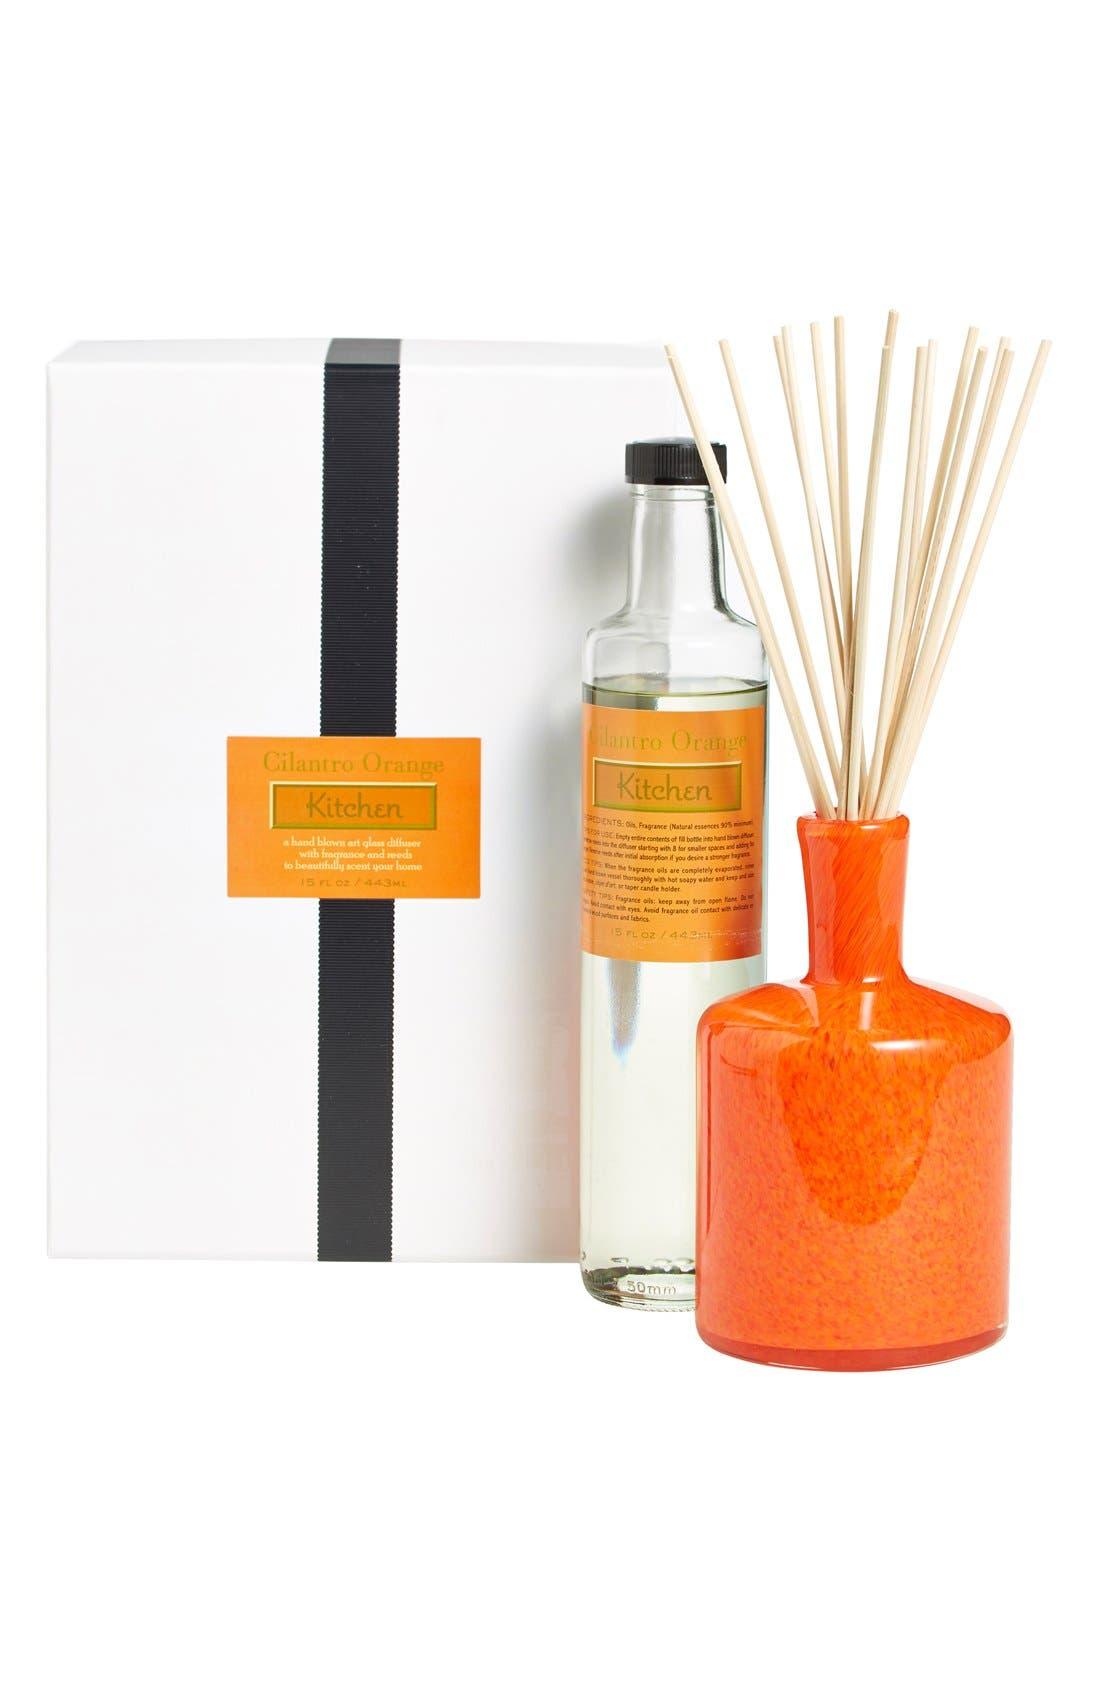 'Cilantro Orange - Kitchen' Fragrance Diffuser,                             Alternate thumbnail 2, color,                             NO COLOR